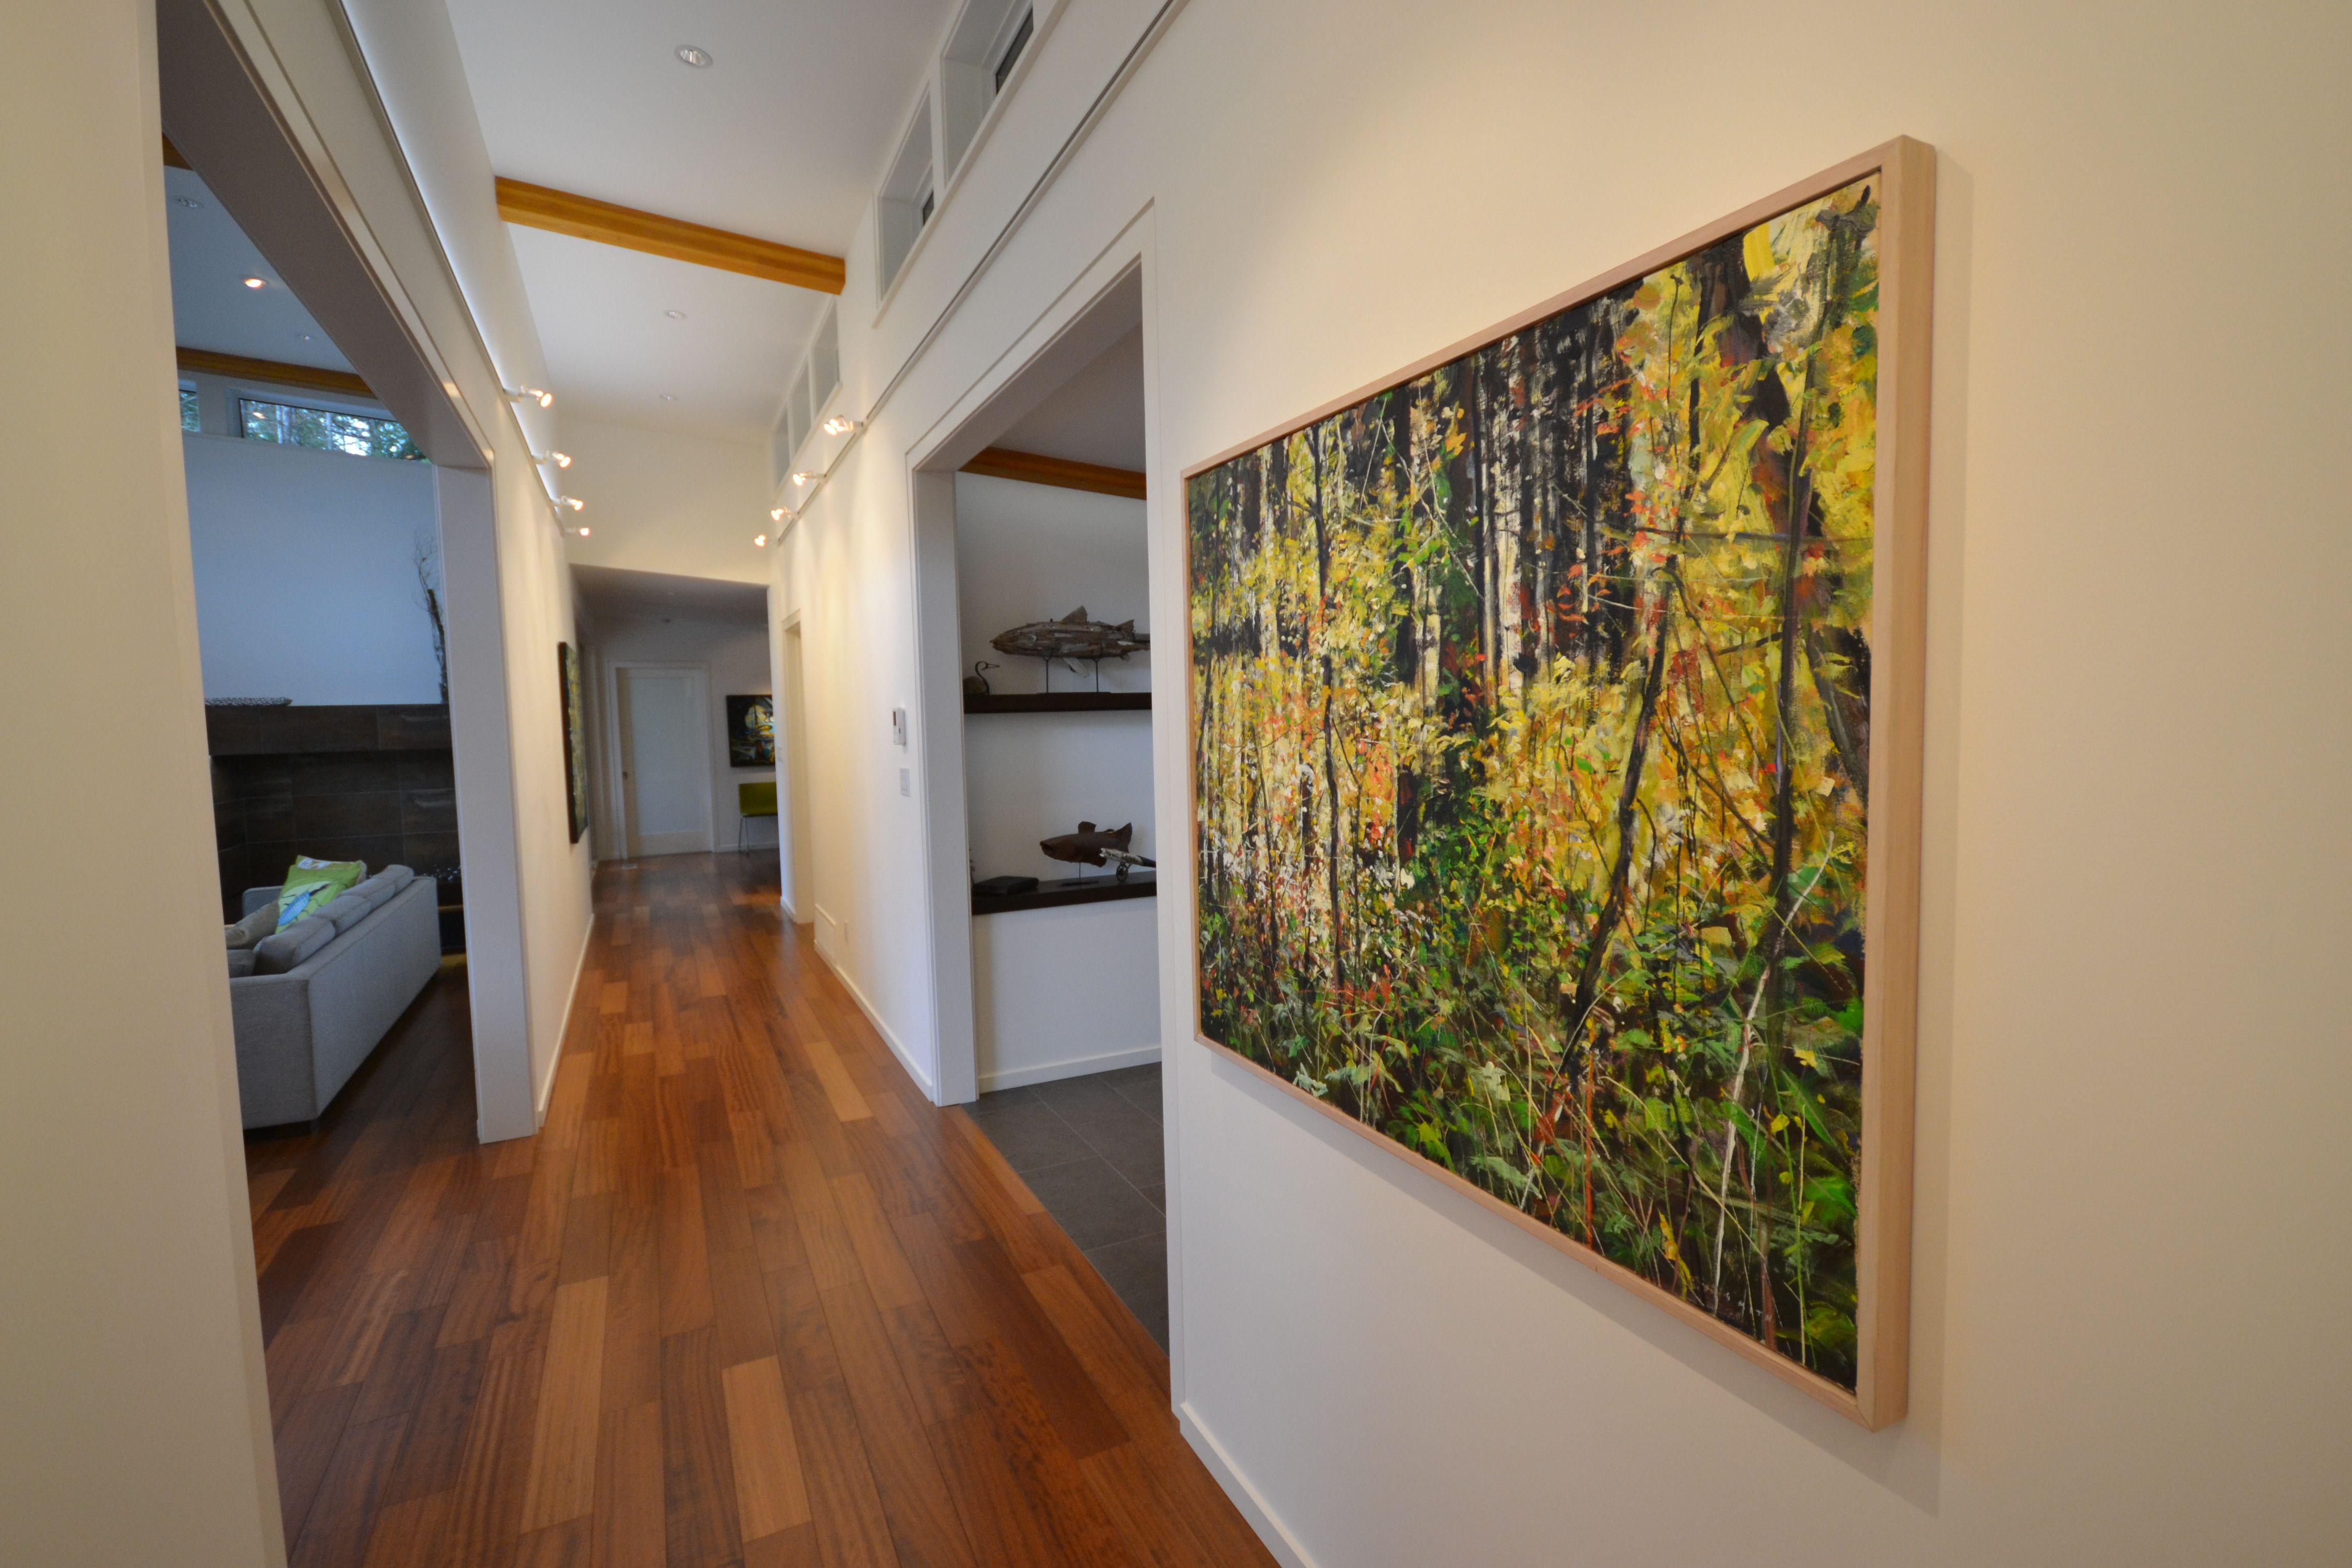 Modern timberframe contemporary canada custom house decorate interior design ideas postandbeam timber